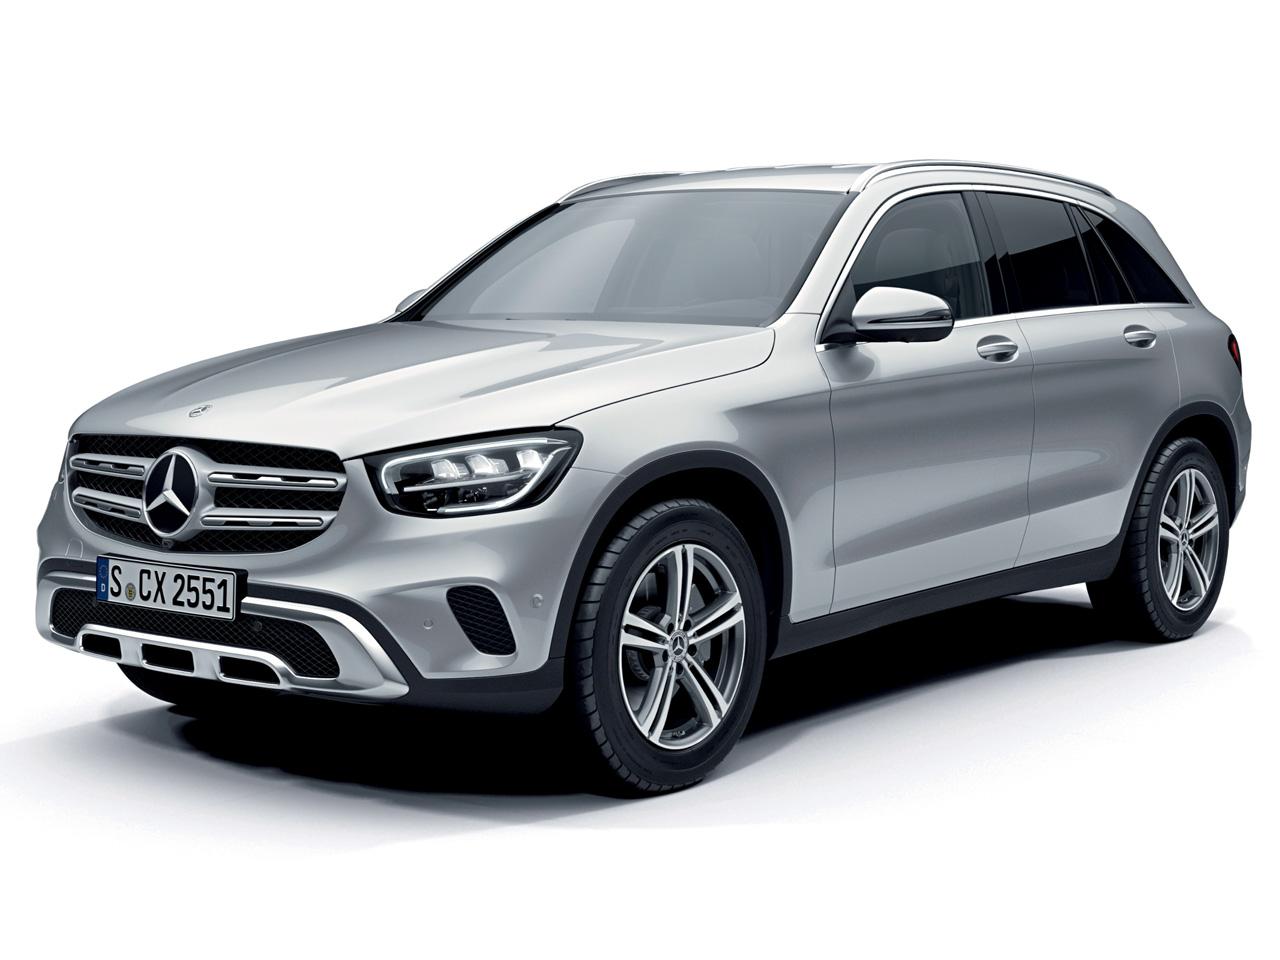 メルセデス・ベンツ GLCクラス 2016年モデル 新車画像